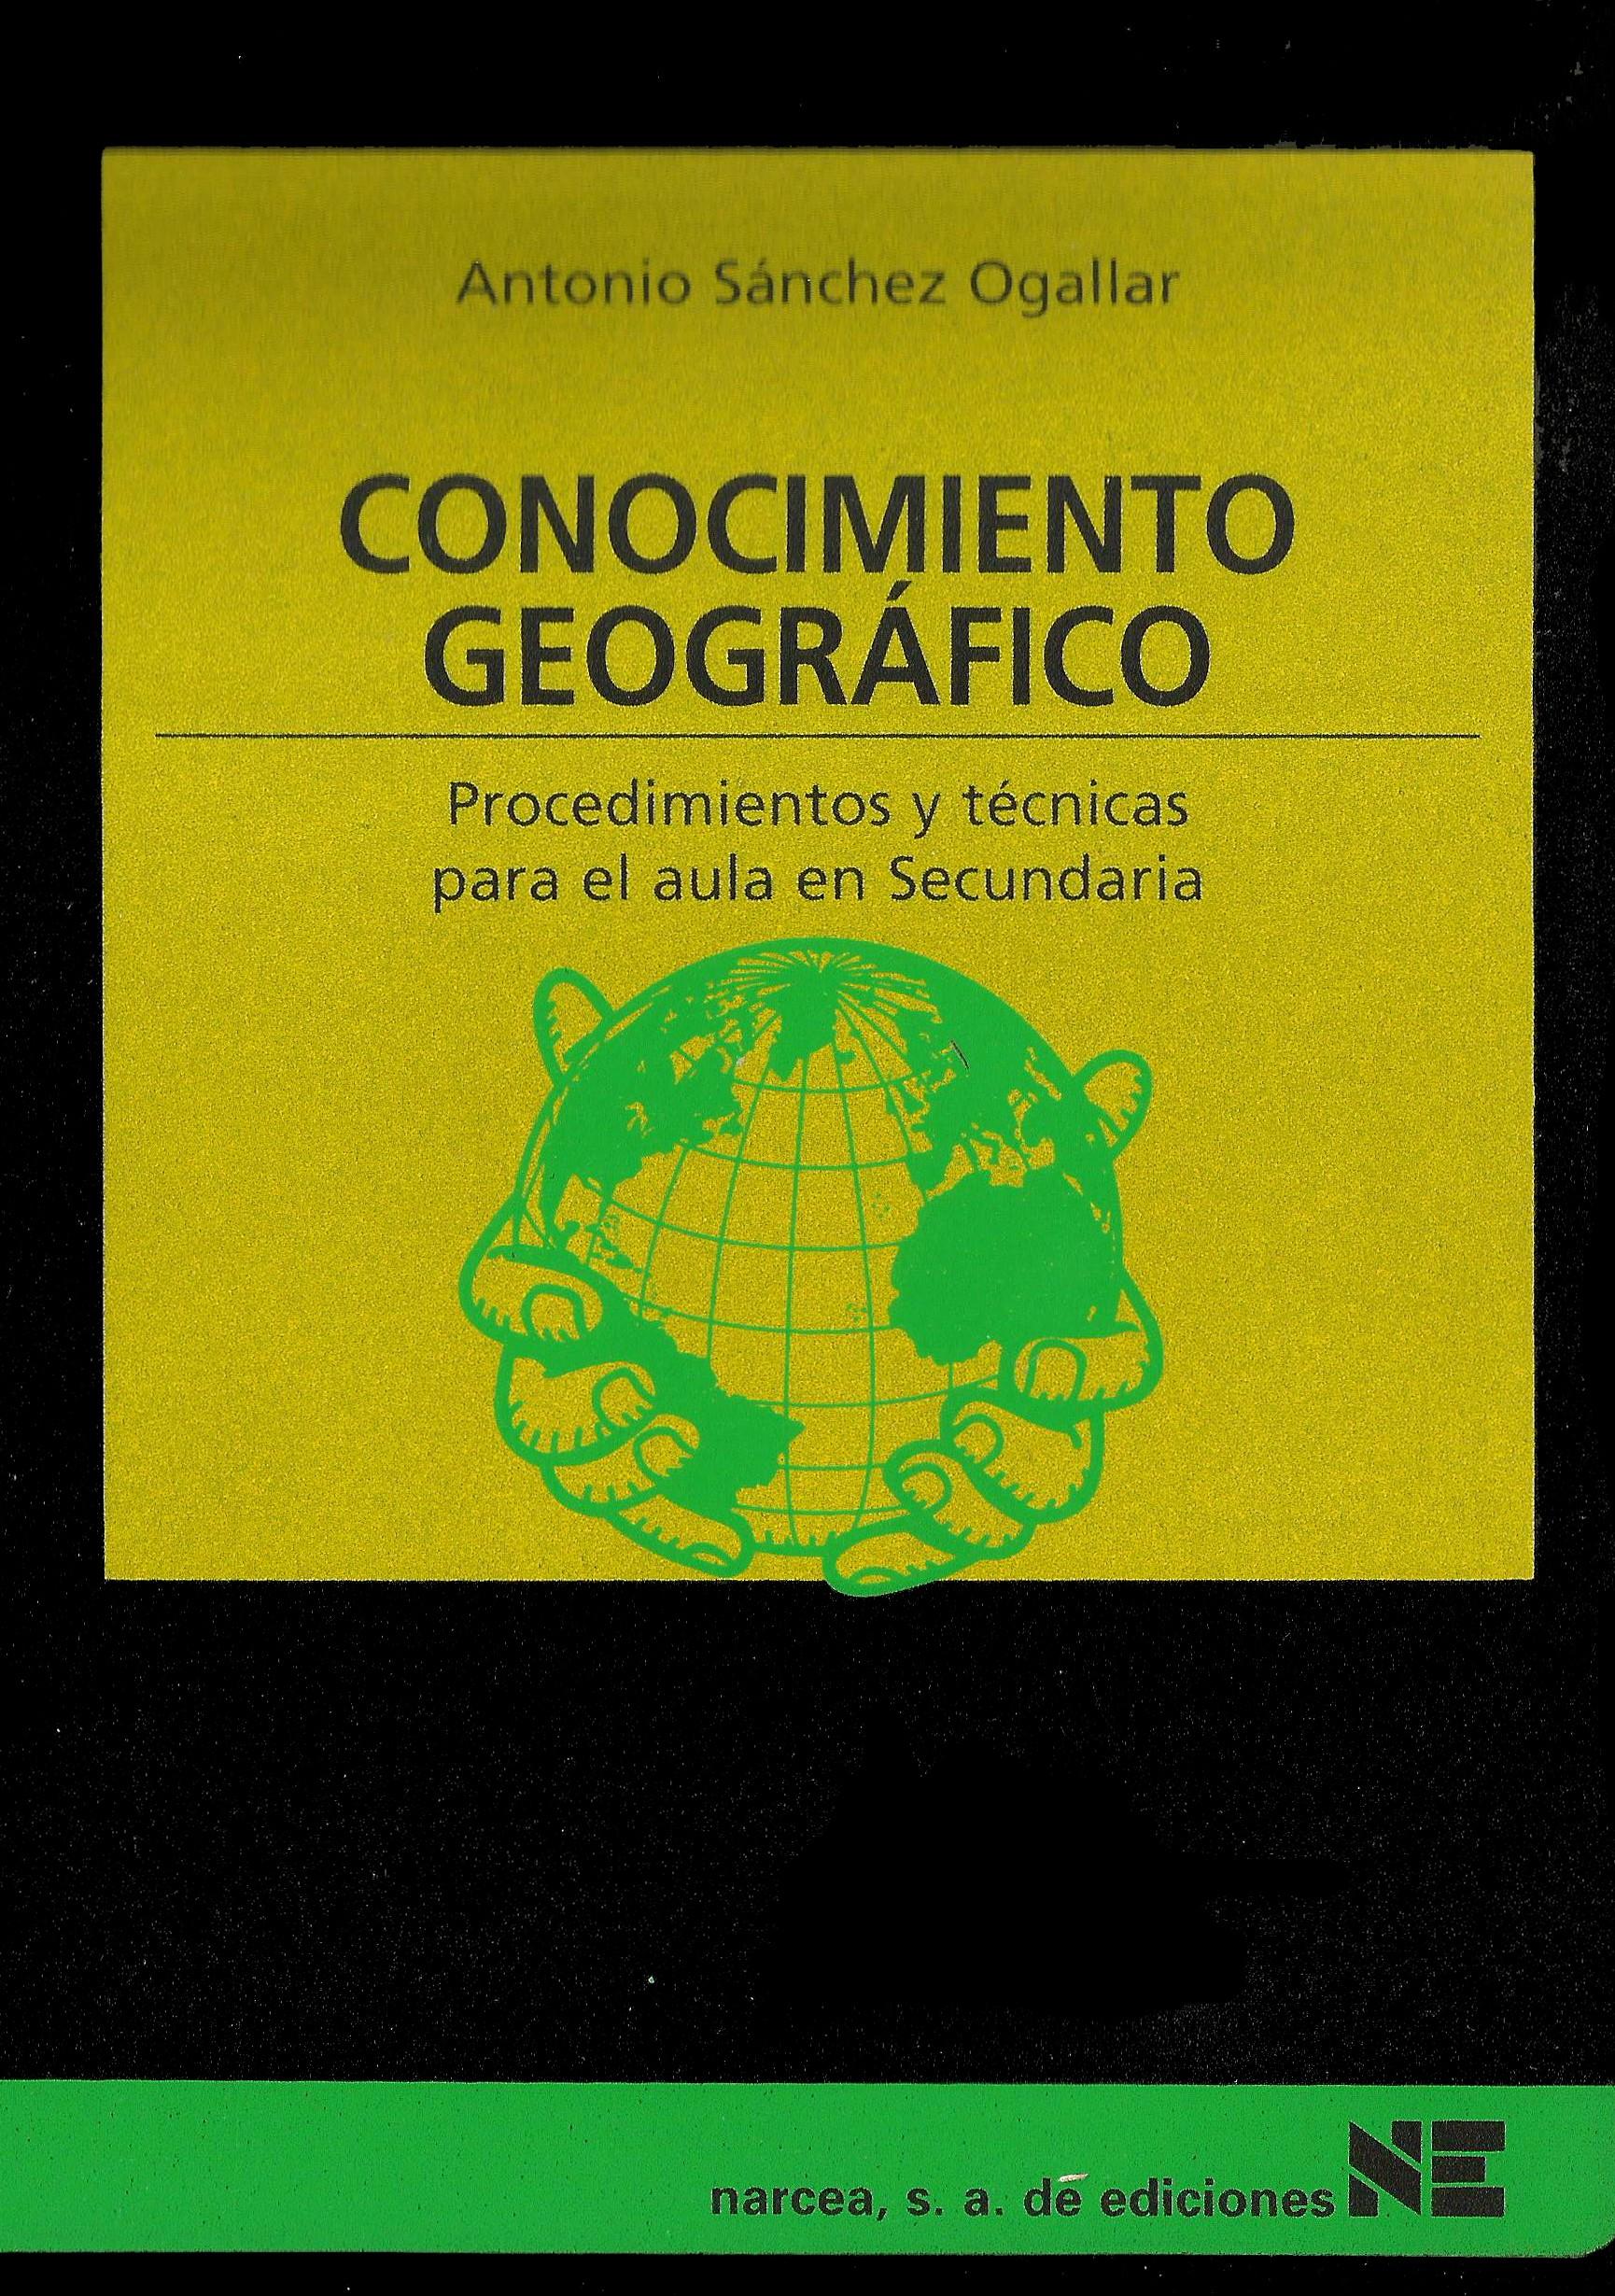 Conocimiento geográfico